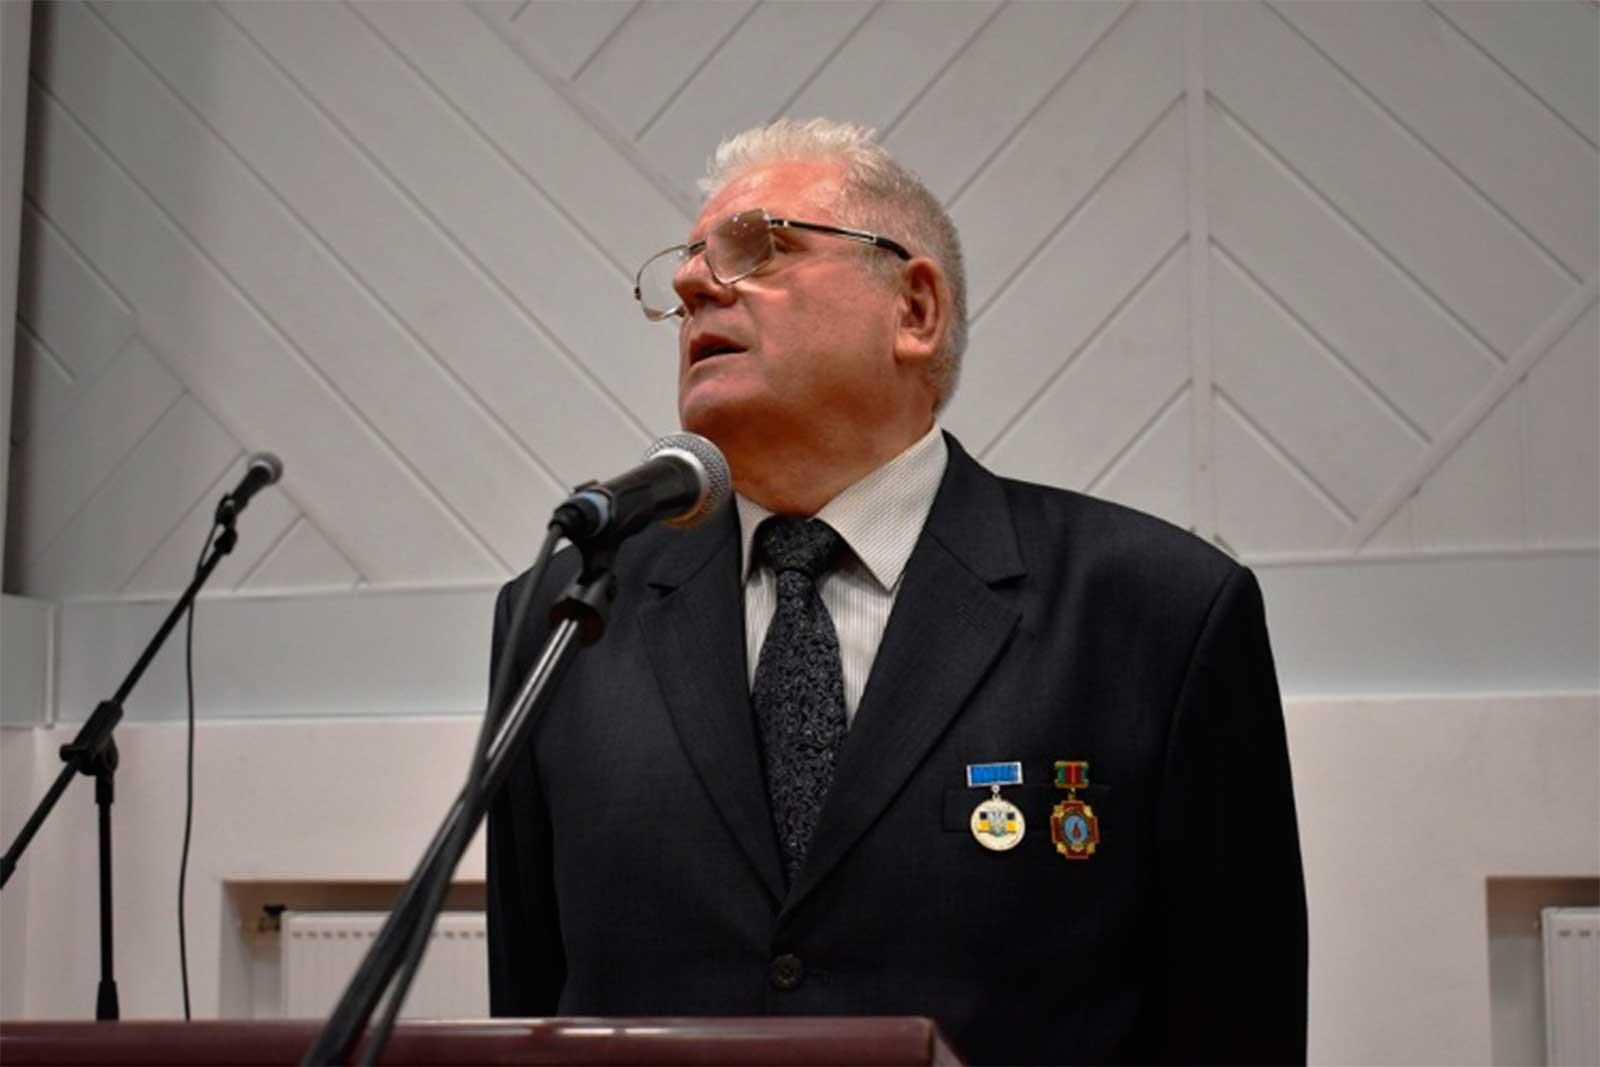 Про історію створення та розвитку ветеранської організації розповів присутнім Голова Ради ветеранів ДДУВС Леонід Камишов